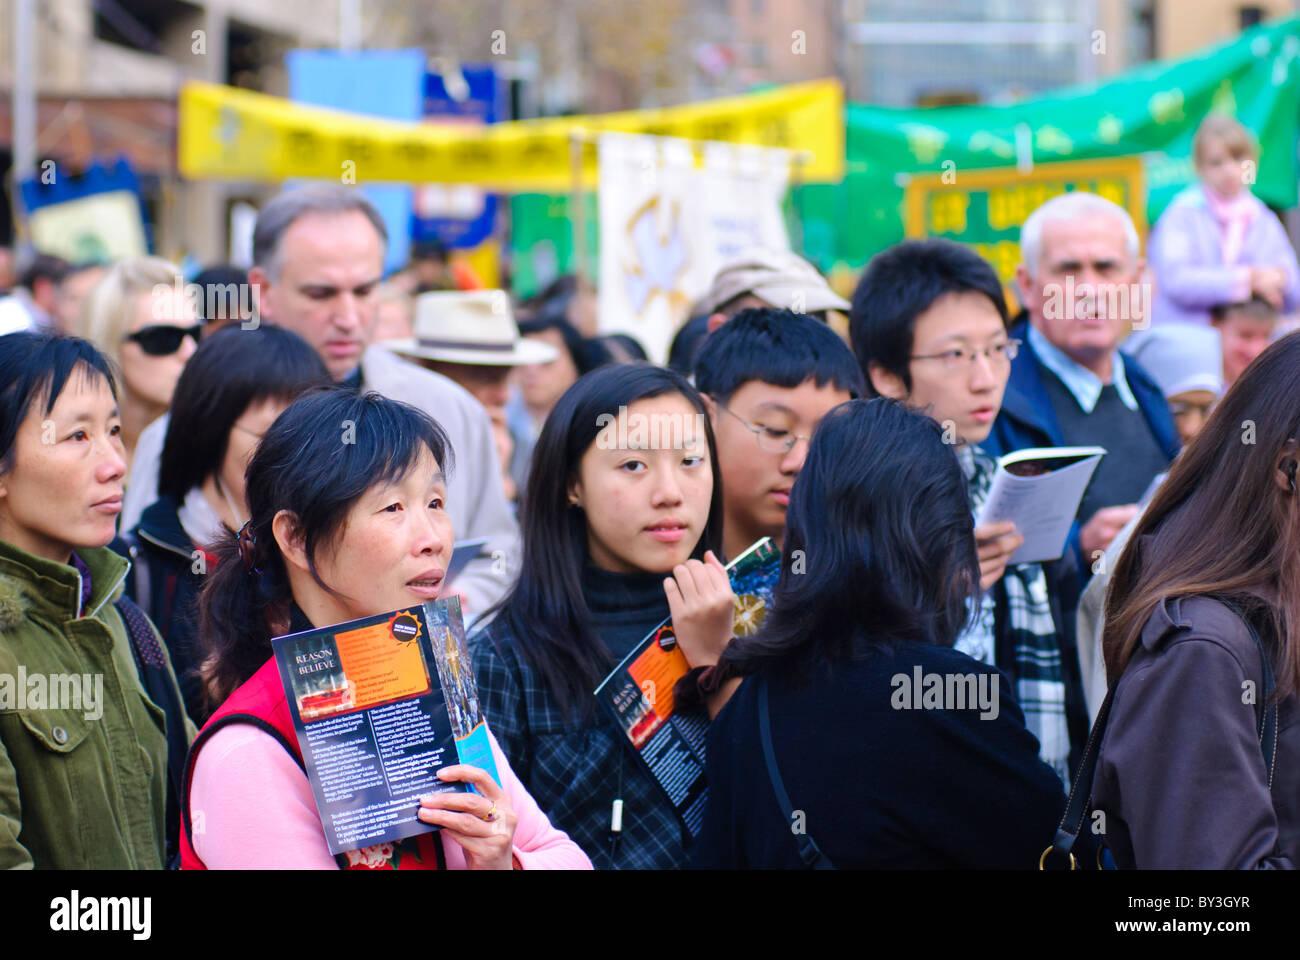 Procesión por las calles de la ciudad. Los migrantes de muchas culturas se encuentran entre las personas que participan. Foto de stock